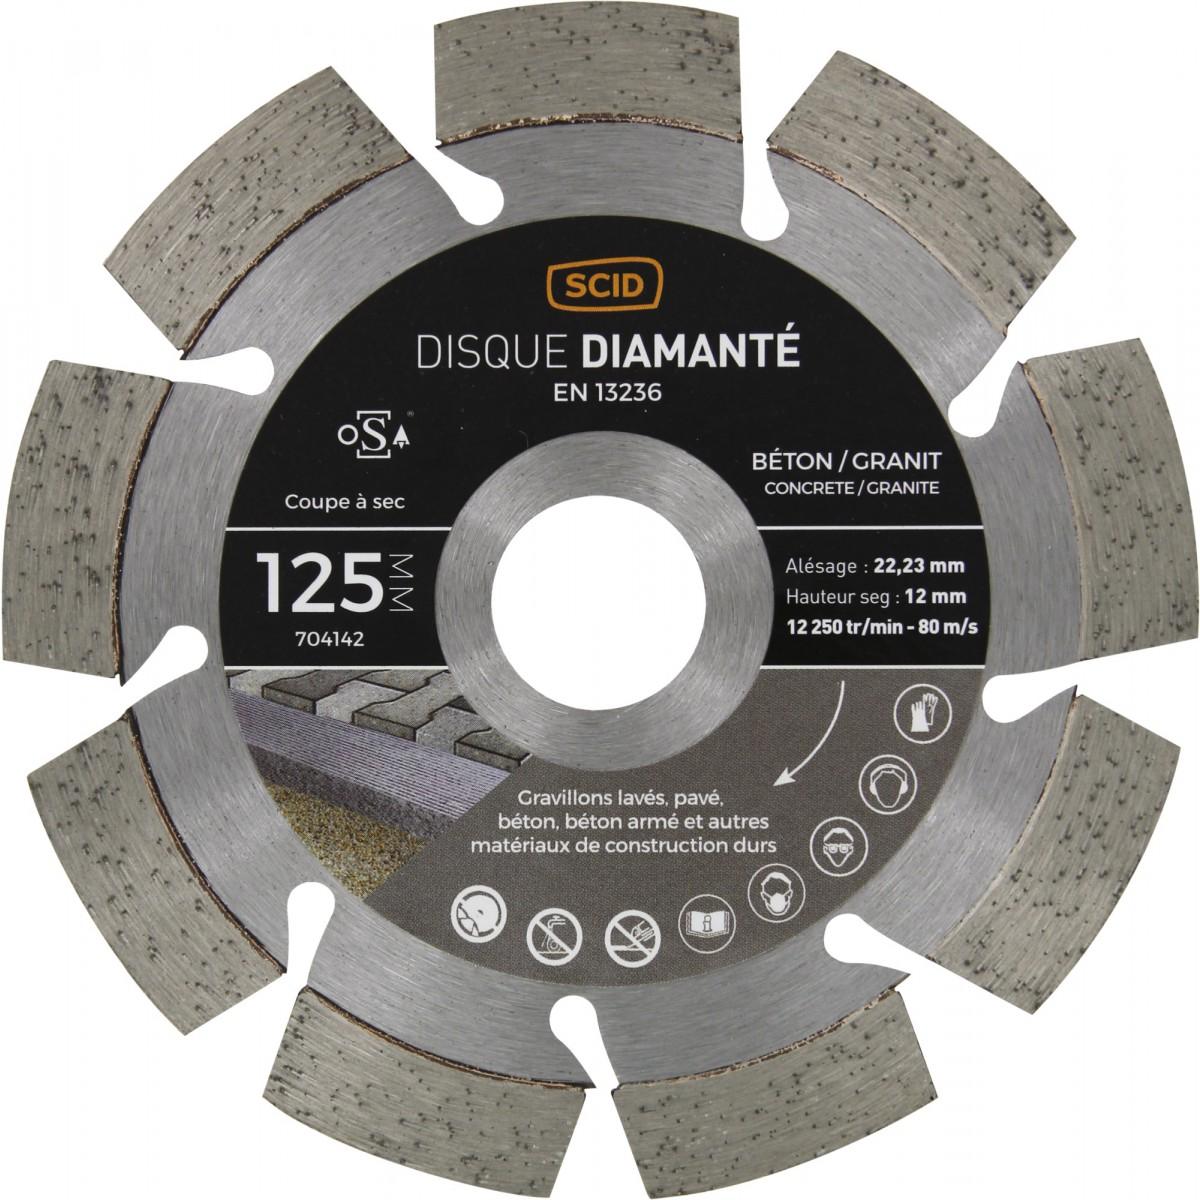 Disque diamanté béton granit professionnel SCID - Diamètre 125 mm